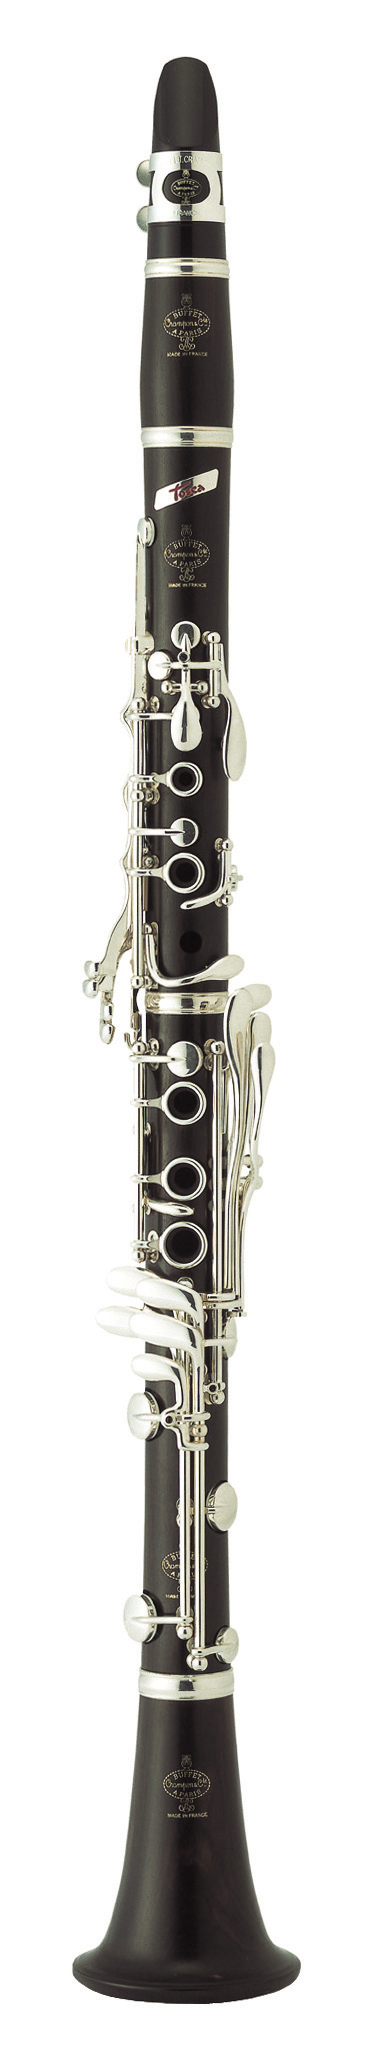 Buffet - BC-1150L-2-0 - Tosca - Holzblasinstrumente - Klarinetten   MUSIK BERTRAM Deutschland Freiburg